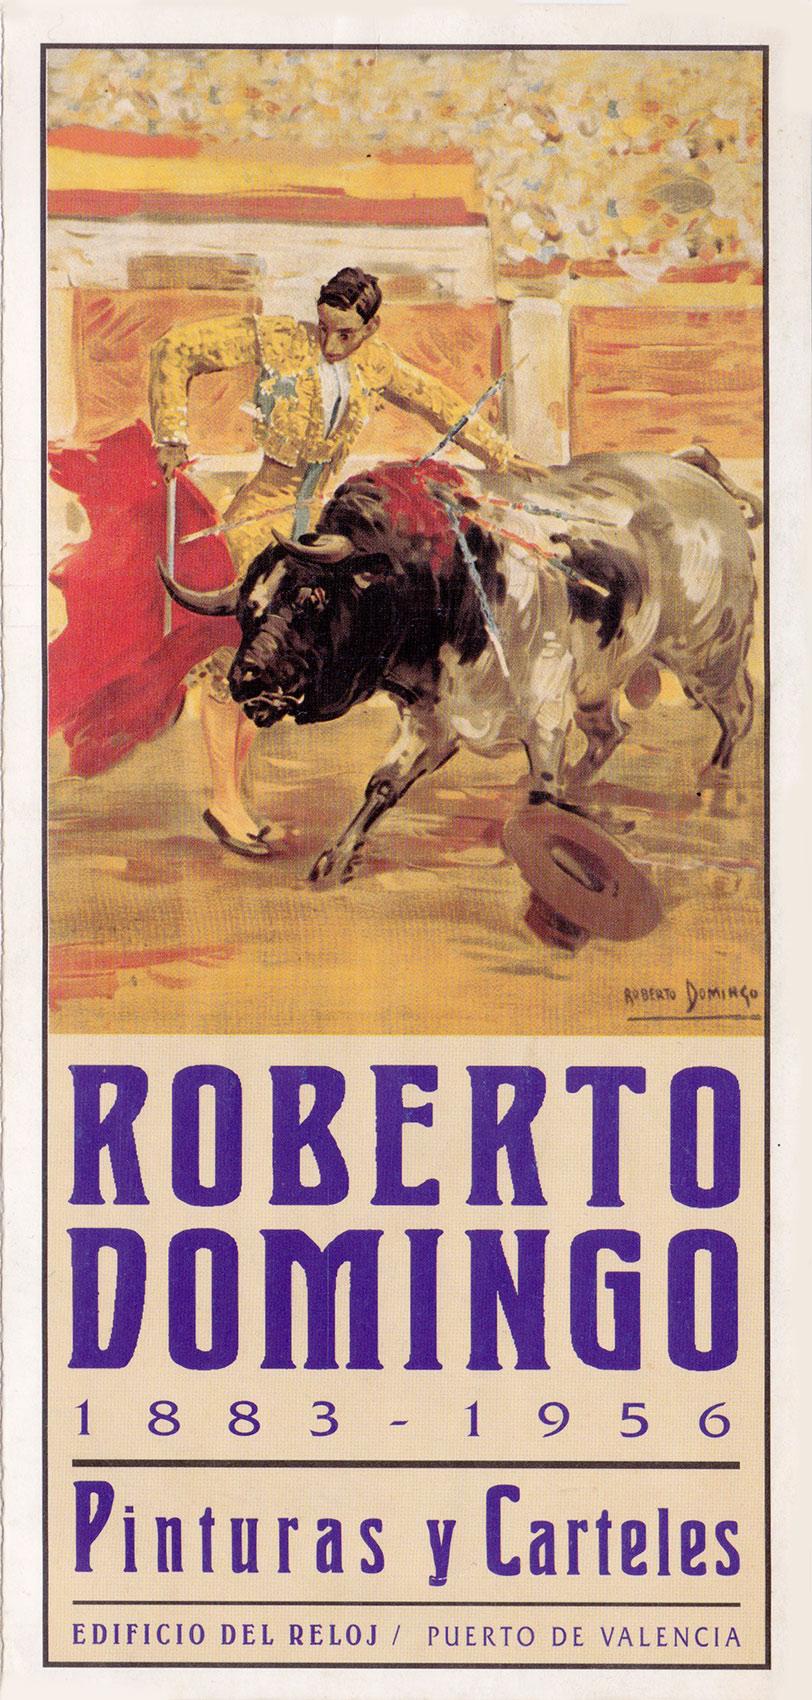 Roberto Domingo 1883-1956 Pinturas y Carteles